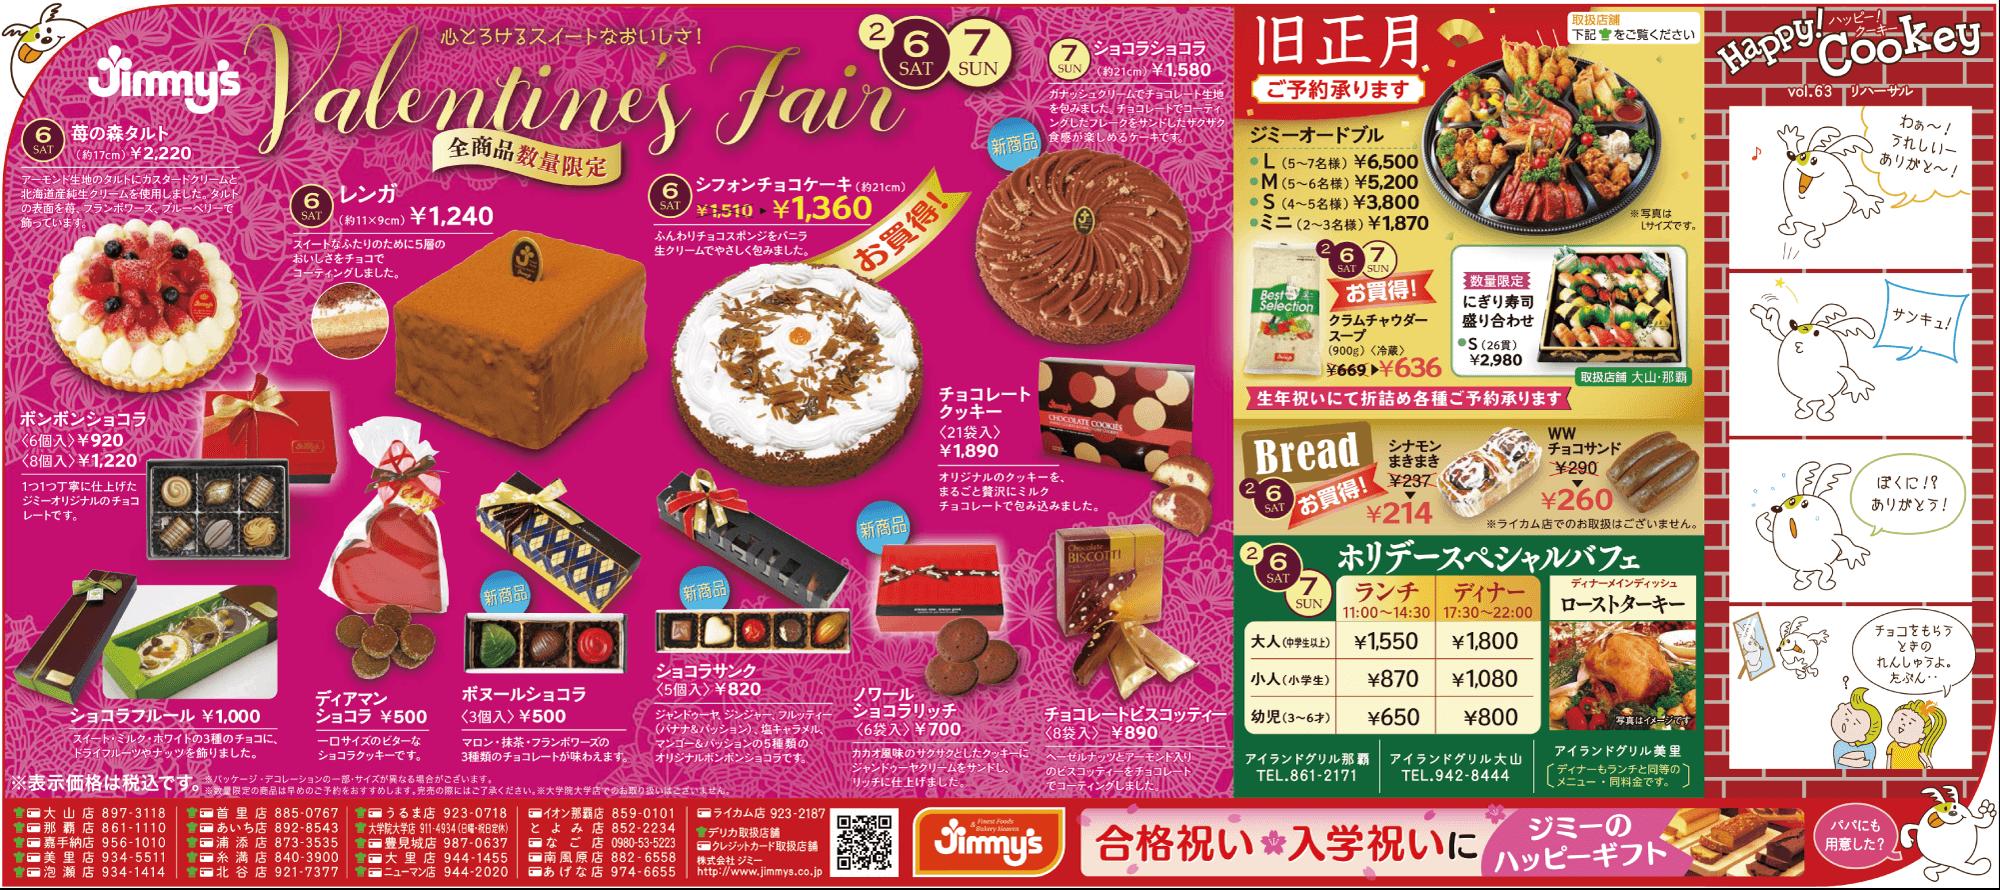 0206新聞広告